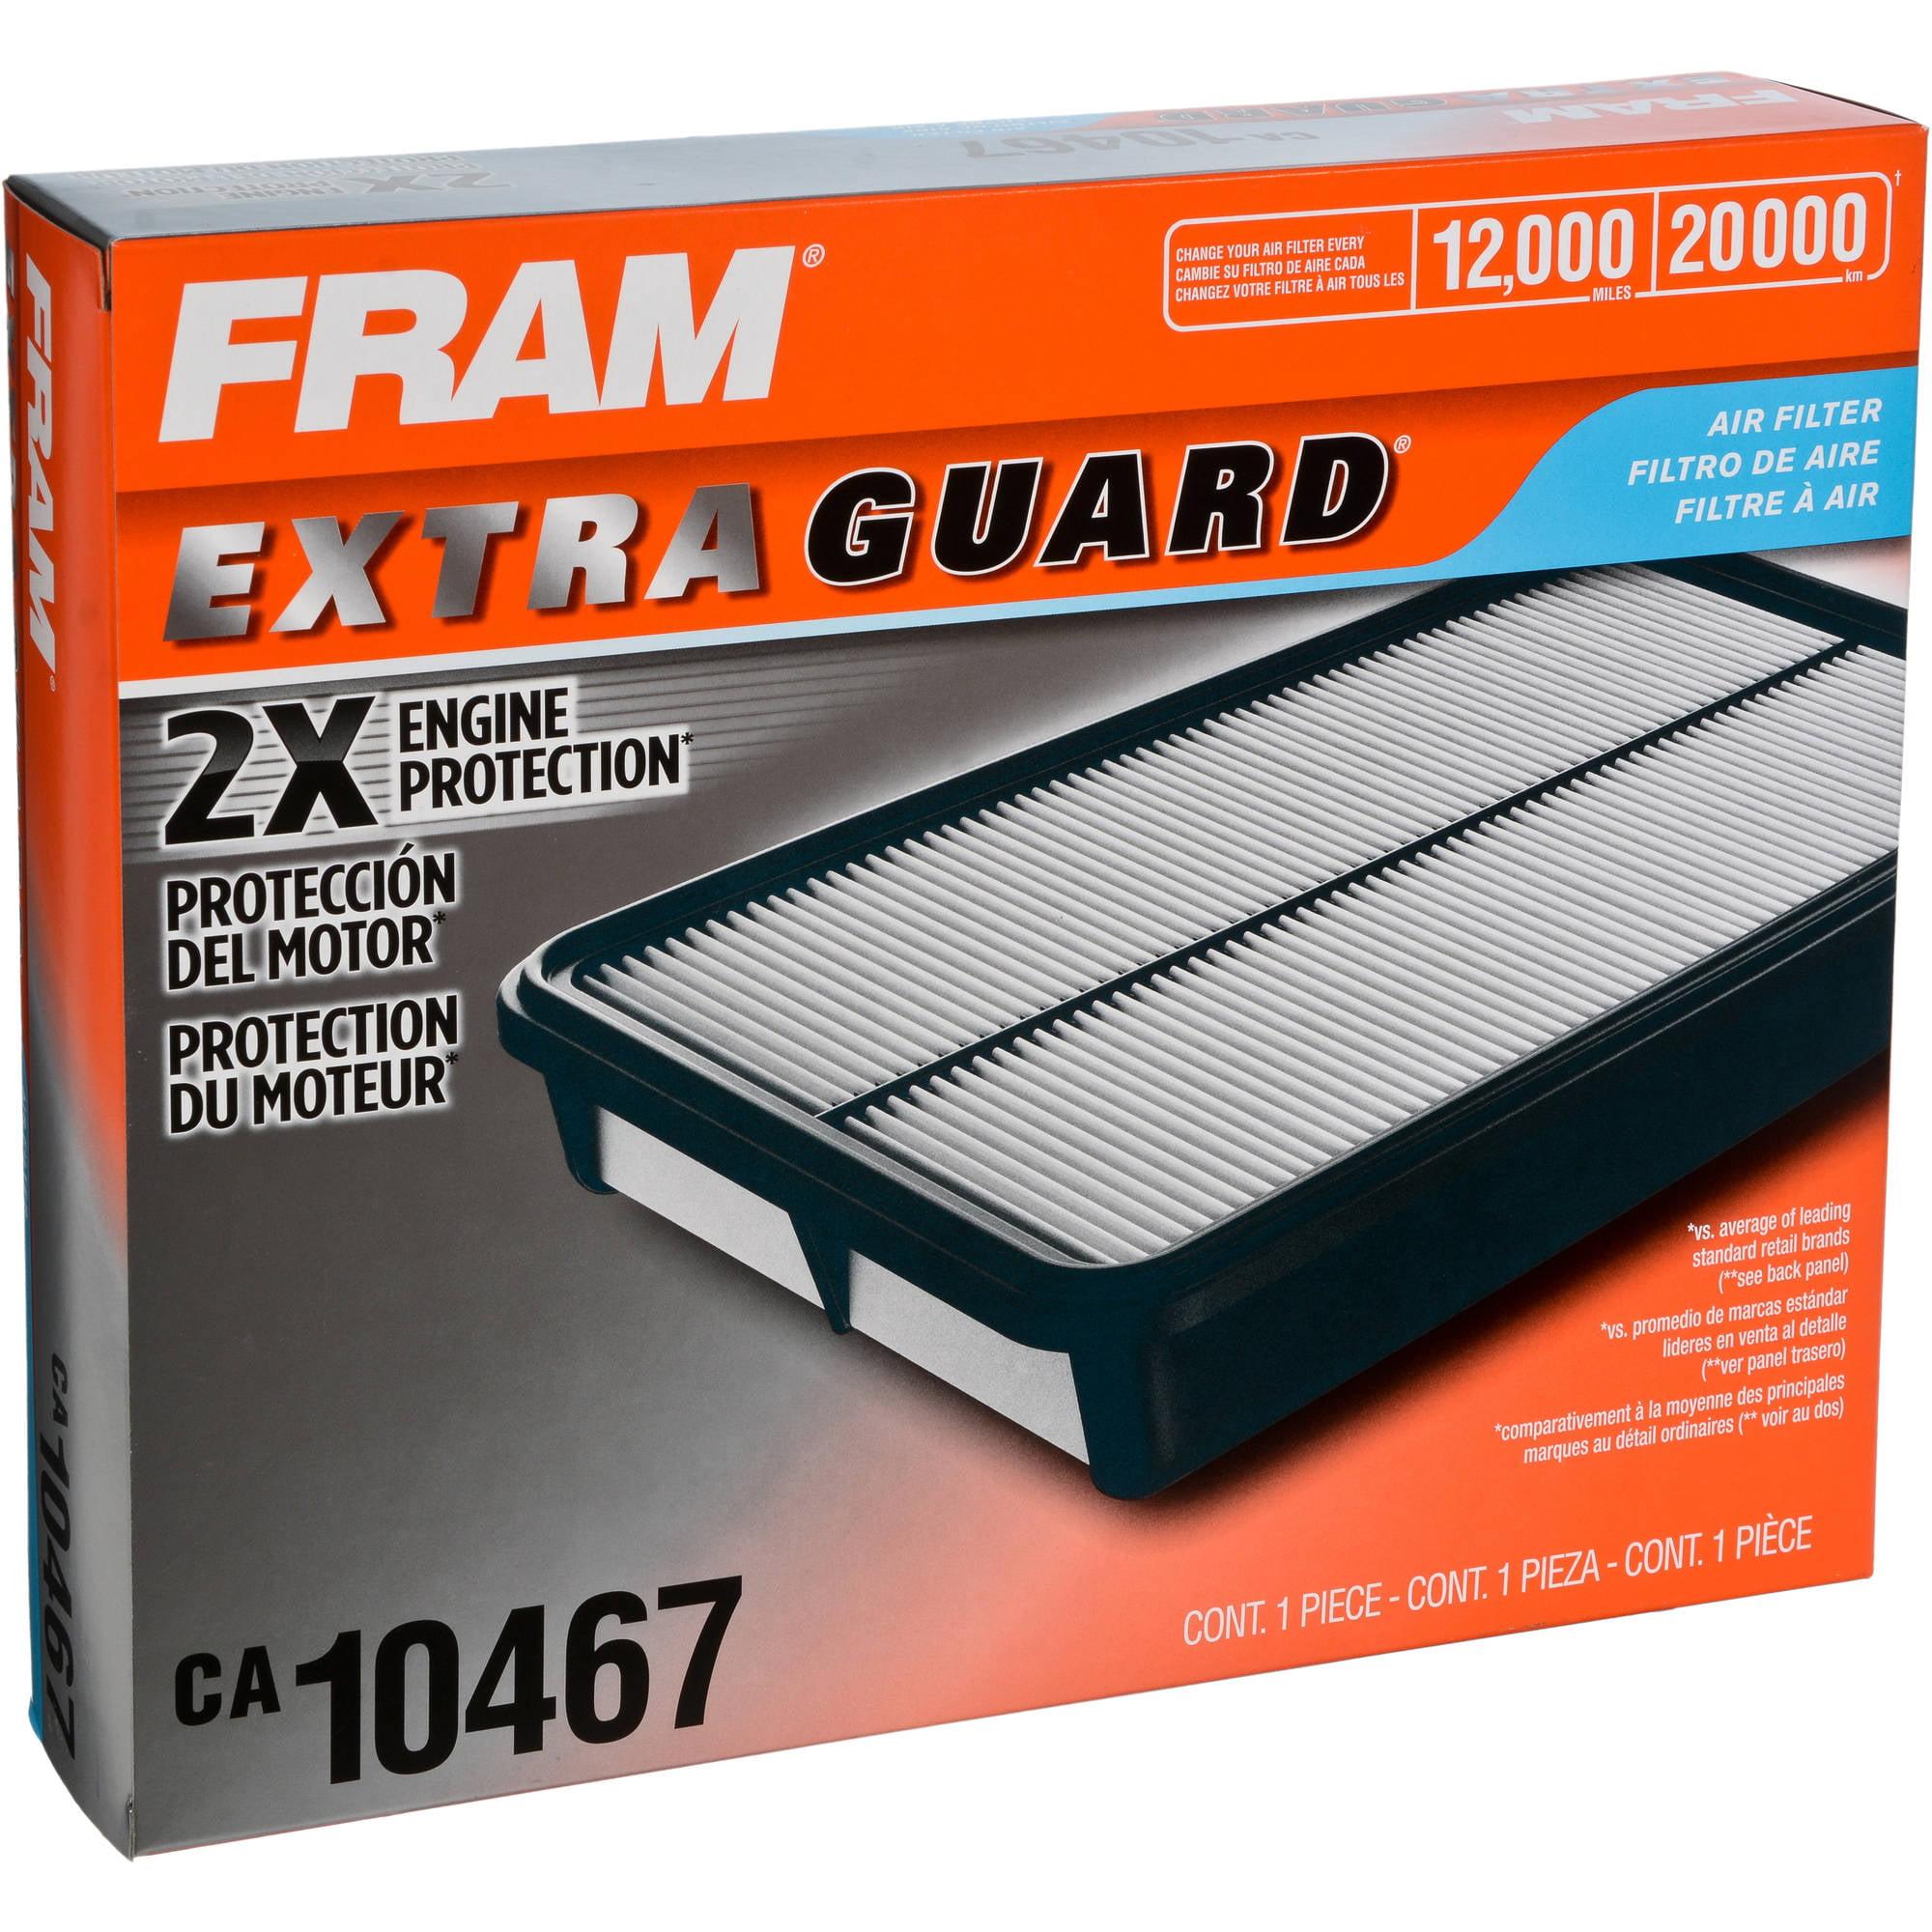 FRAM Extra Guard Air Filter, CA10467